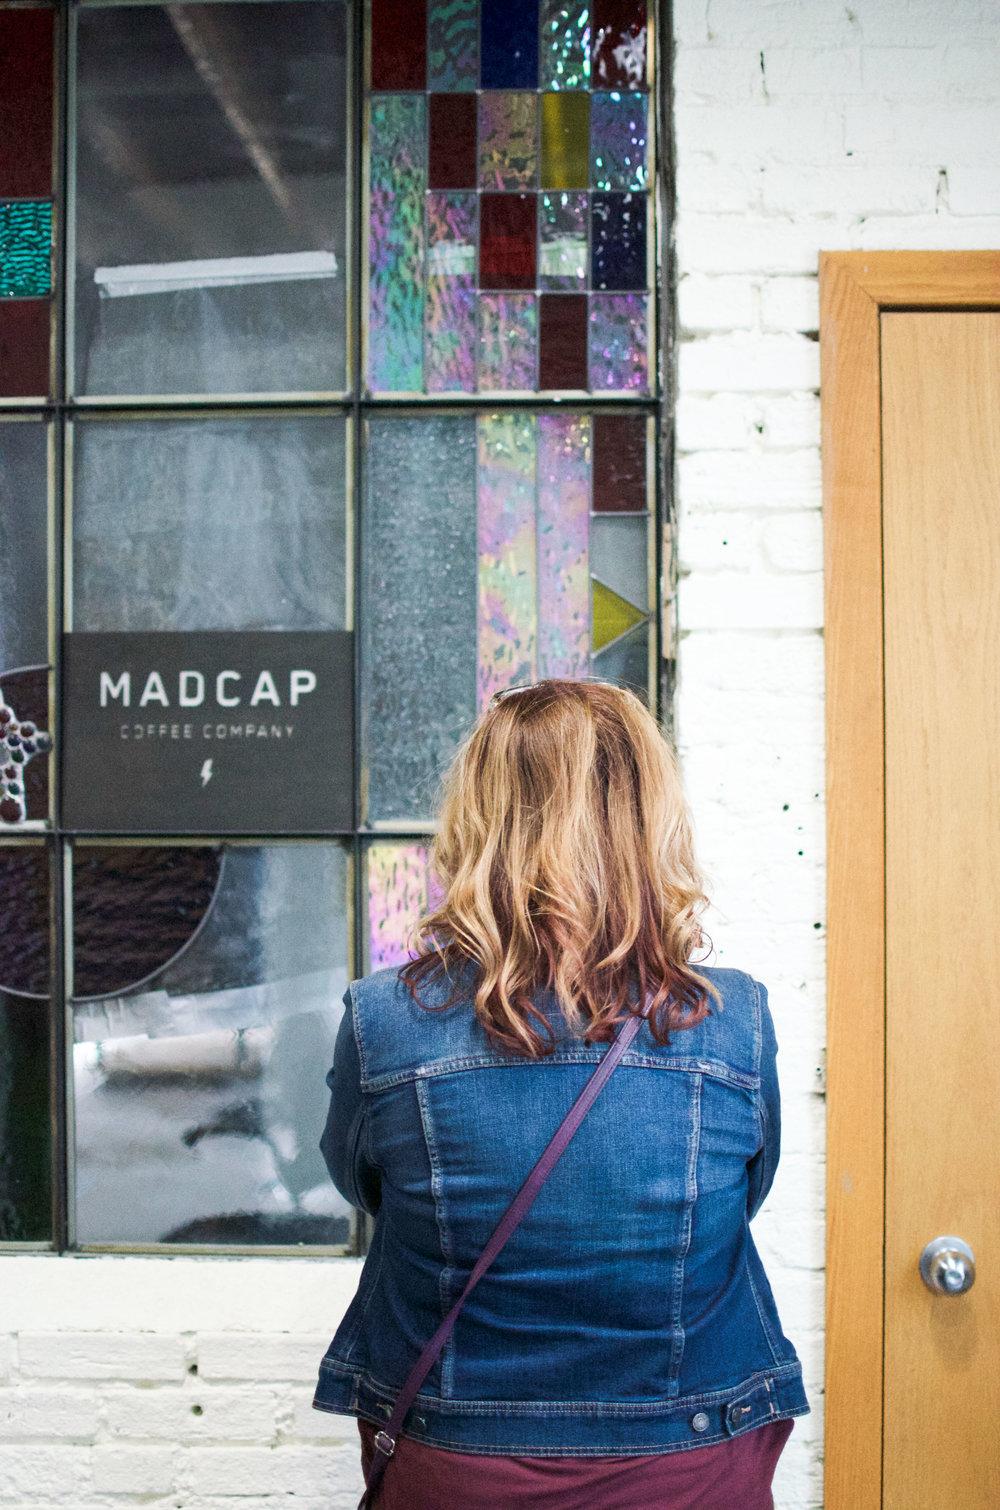 Wendling_Boyd_Daily_Fika_Coffee_Madcap.jpg